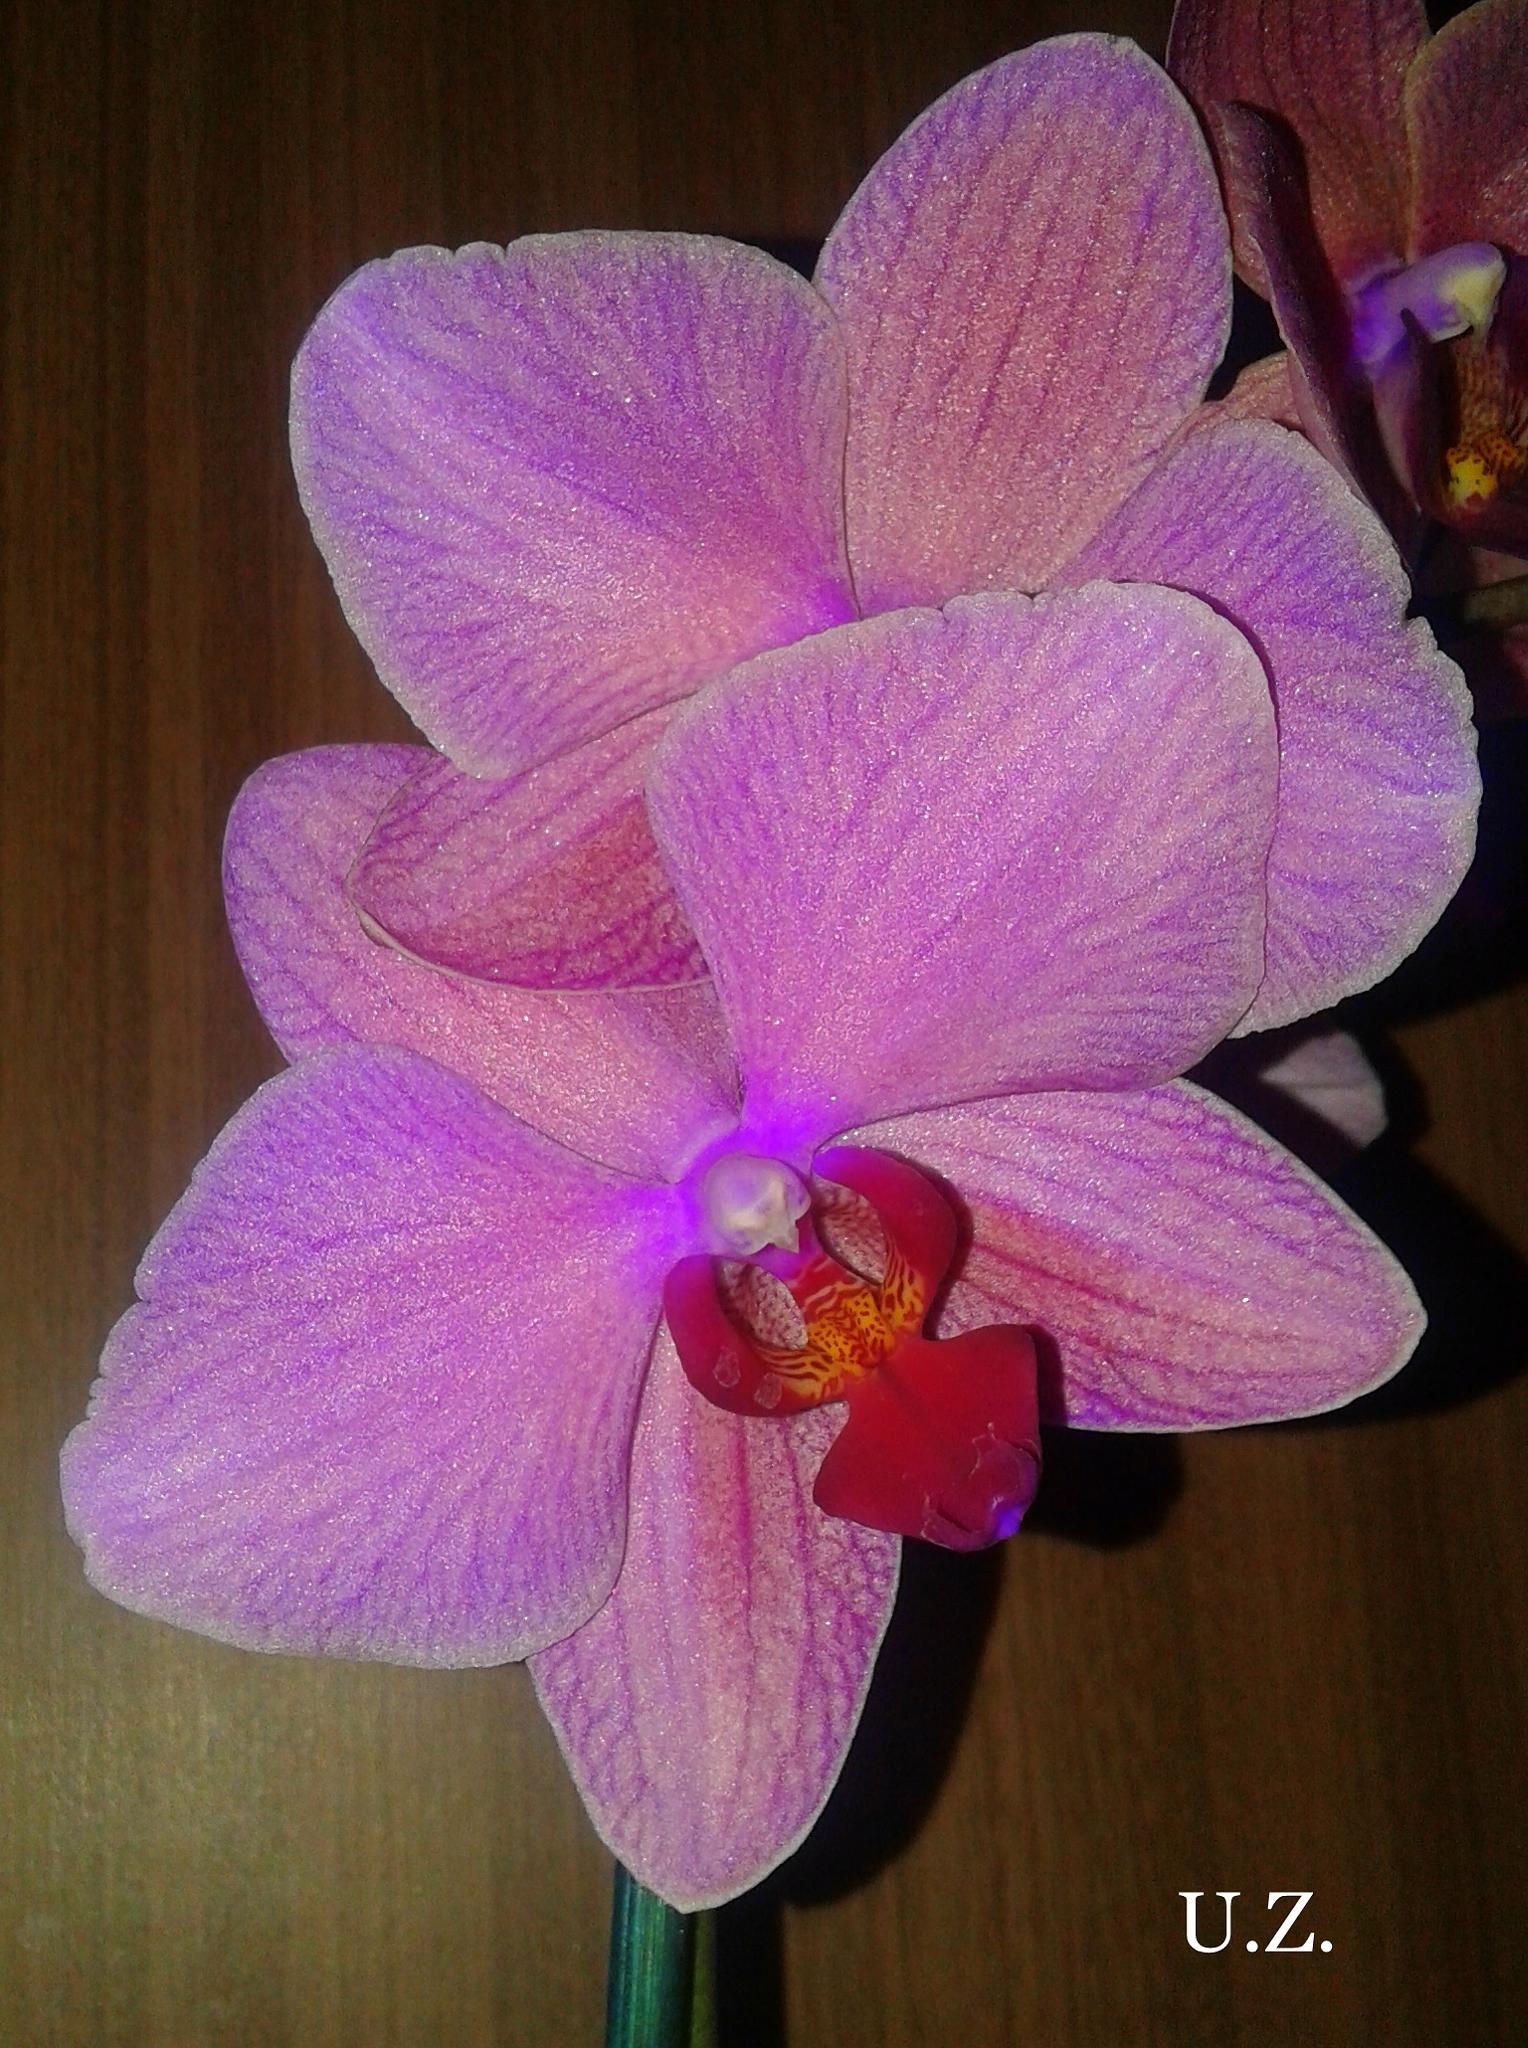 My orchid by Zita Užkuraitienė